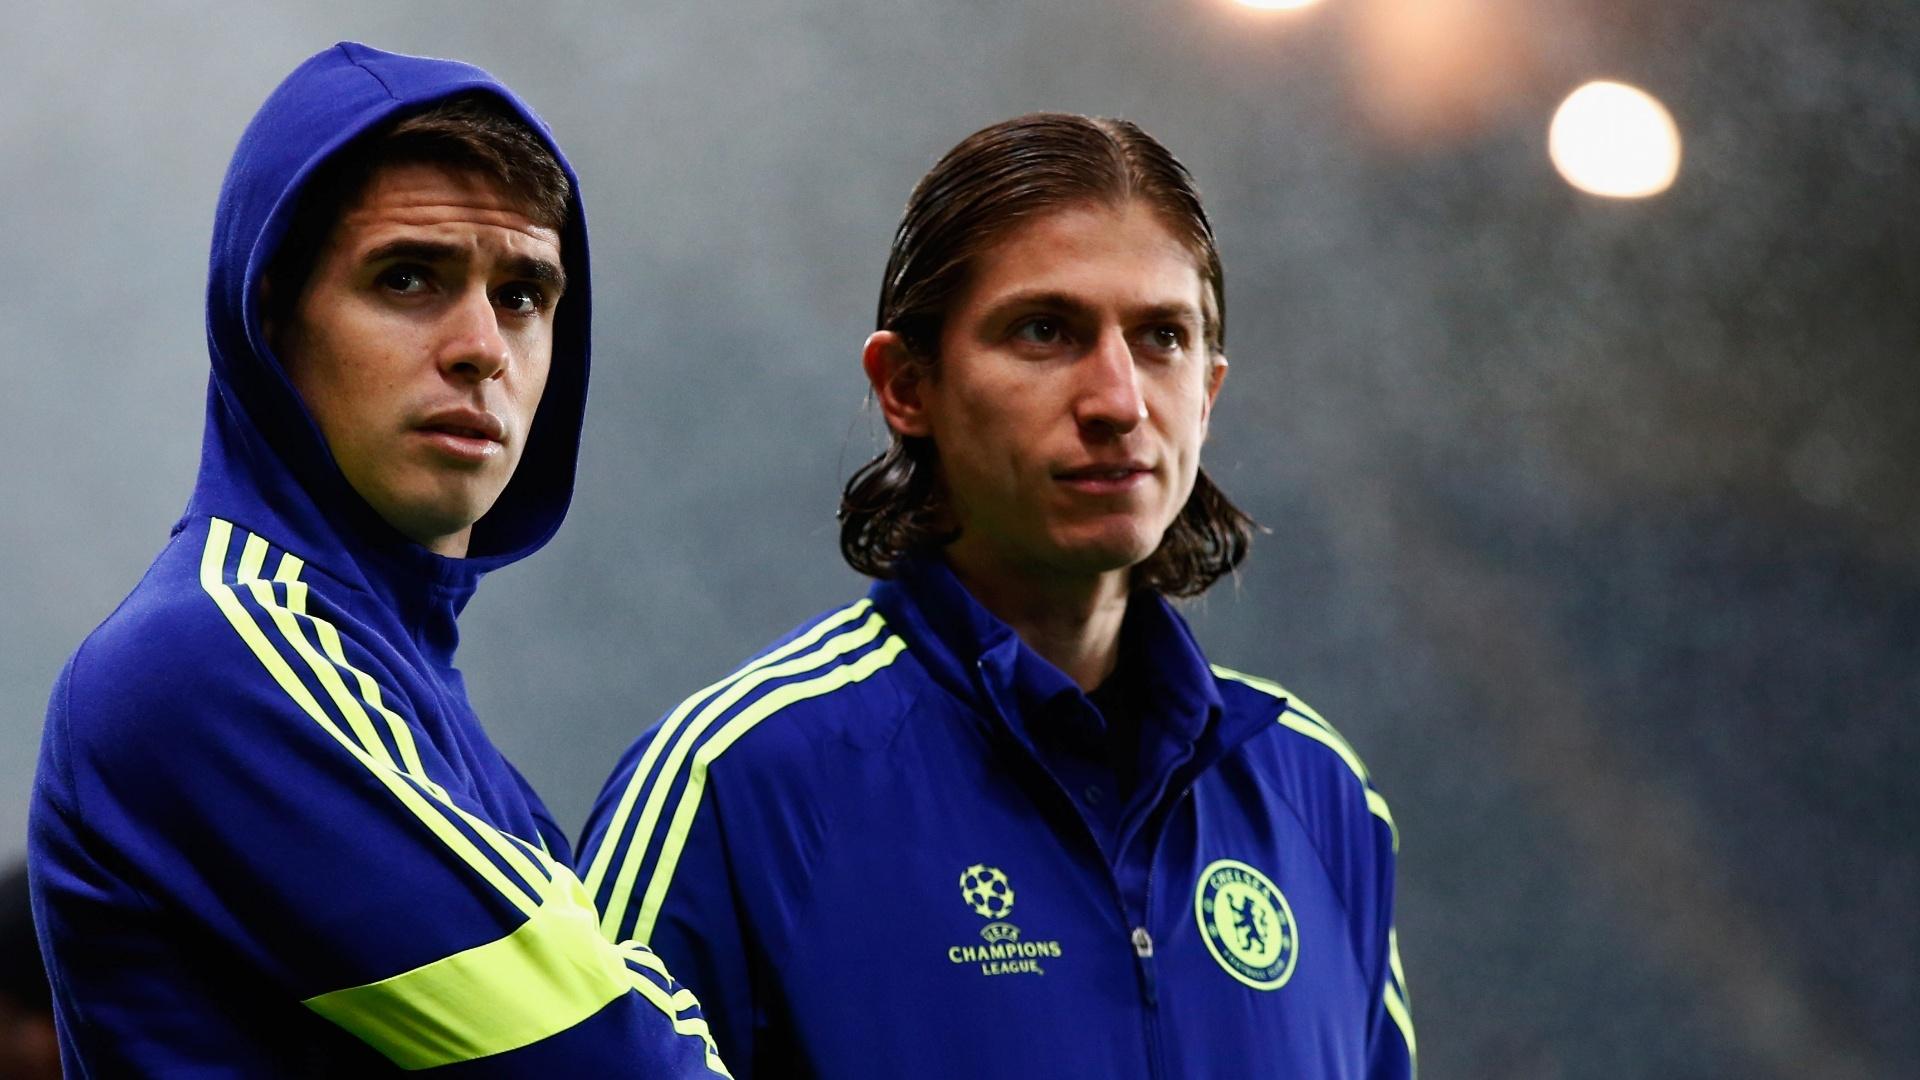 Oscar e Filipe Luis, jogadores do Chelsea, assistem ao jogo contra o PSG, pela Liga dos Campeões, do banco de reservas do clube inglês